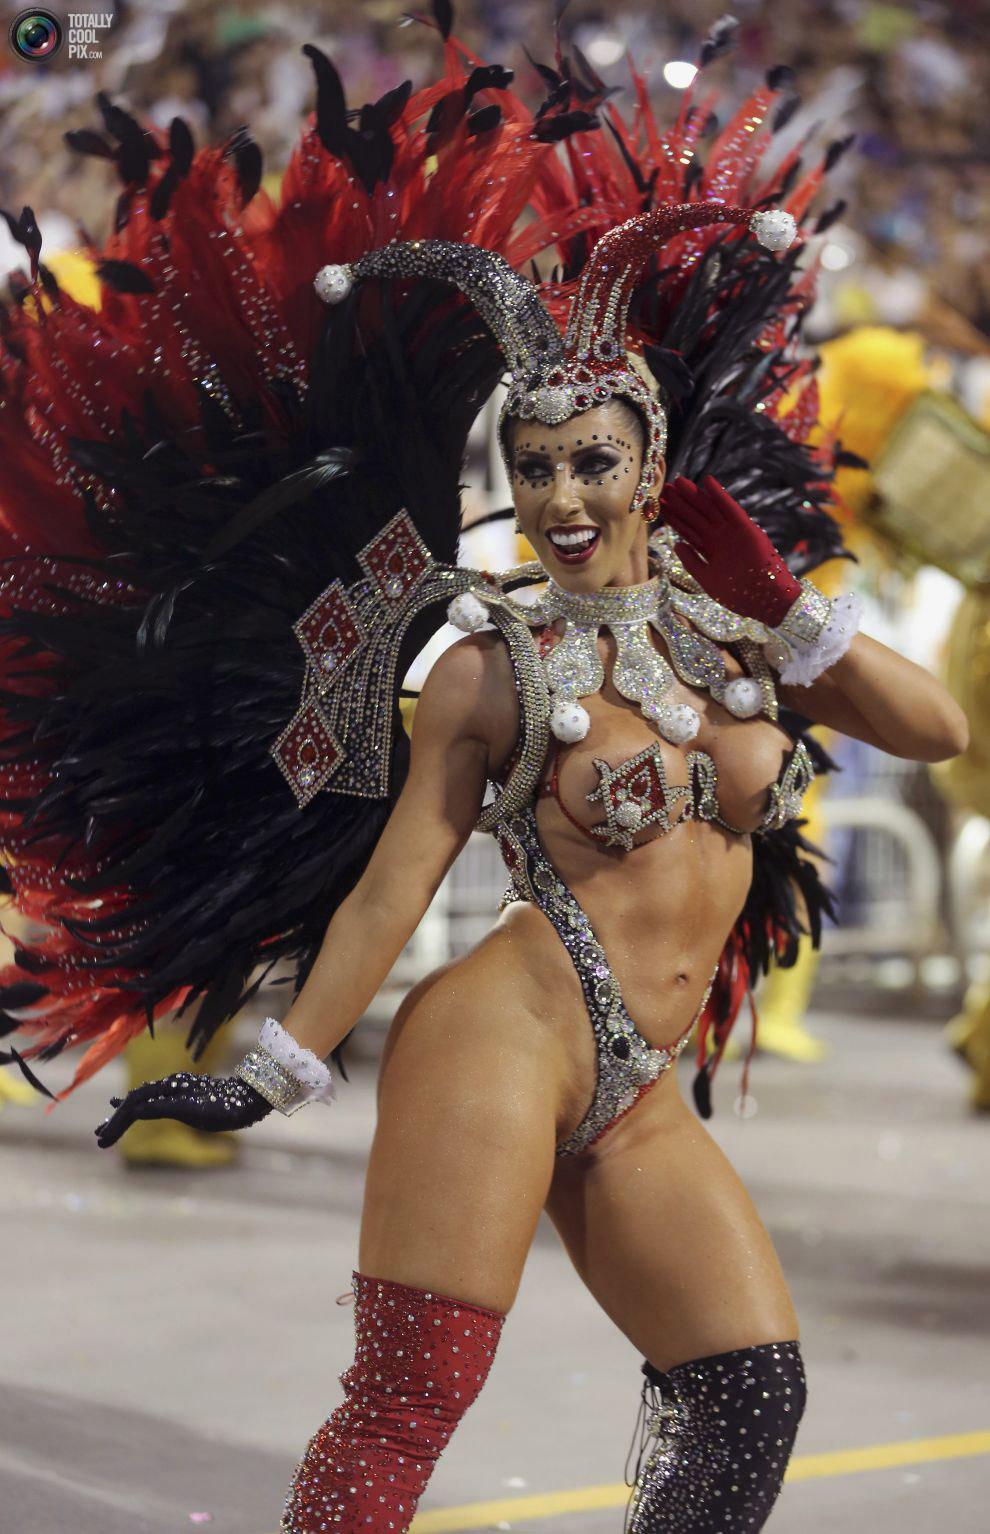 бразильский карнавал без цензуры порно фото